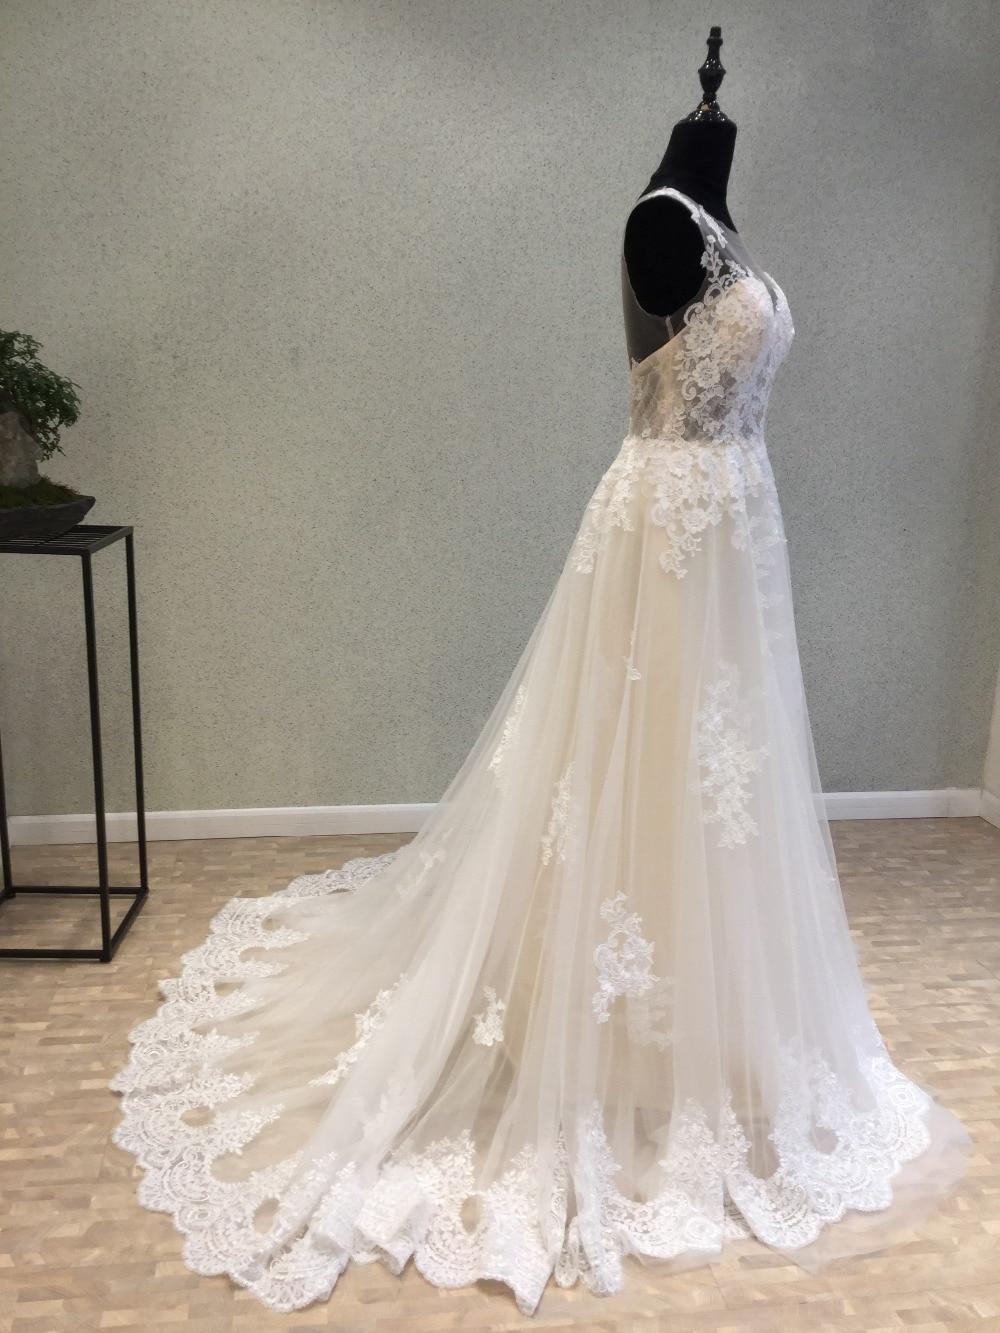 Berühmt Neue Design Hochzeitskleider Zeitgenössisch - Hochzeit Kleid ...